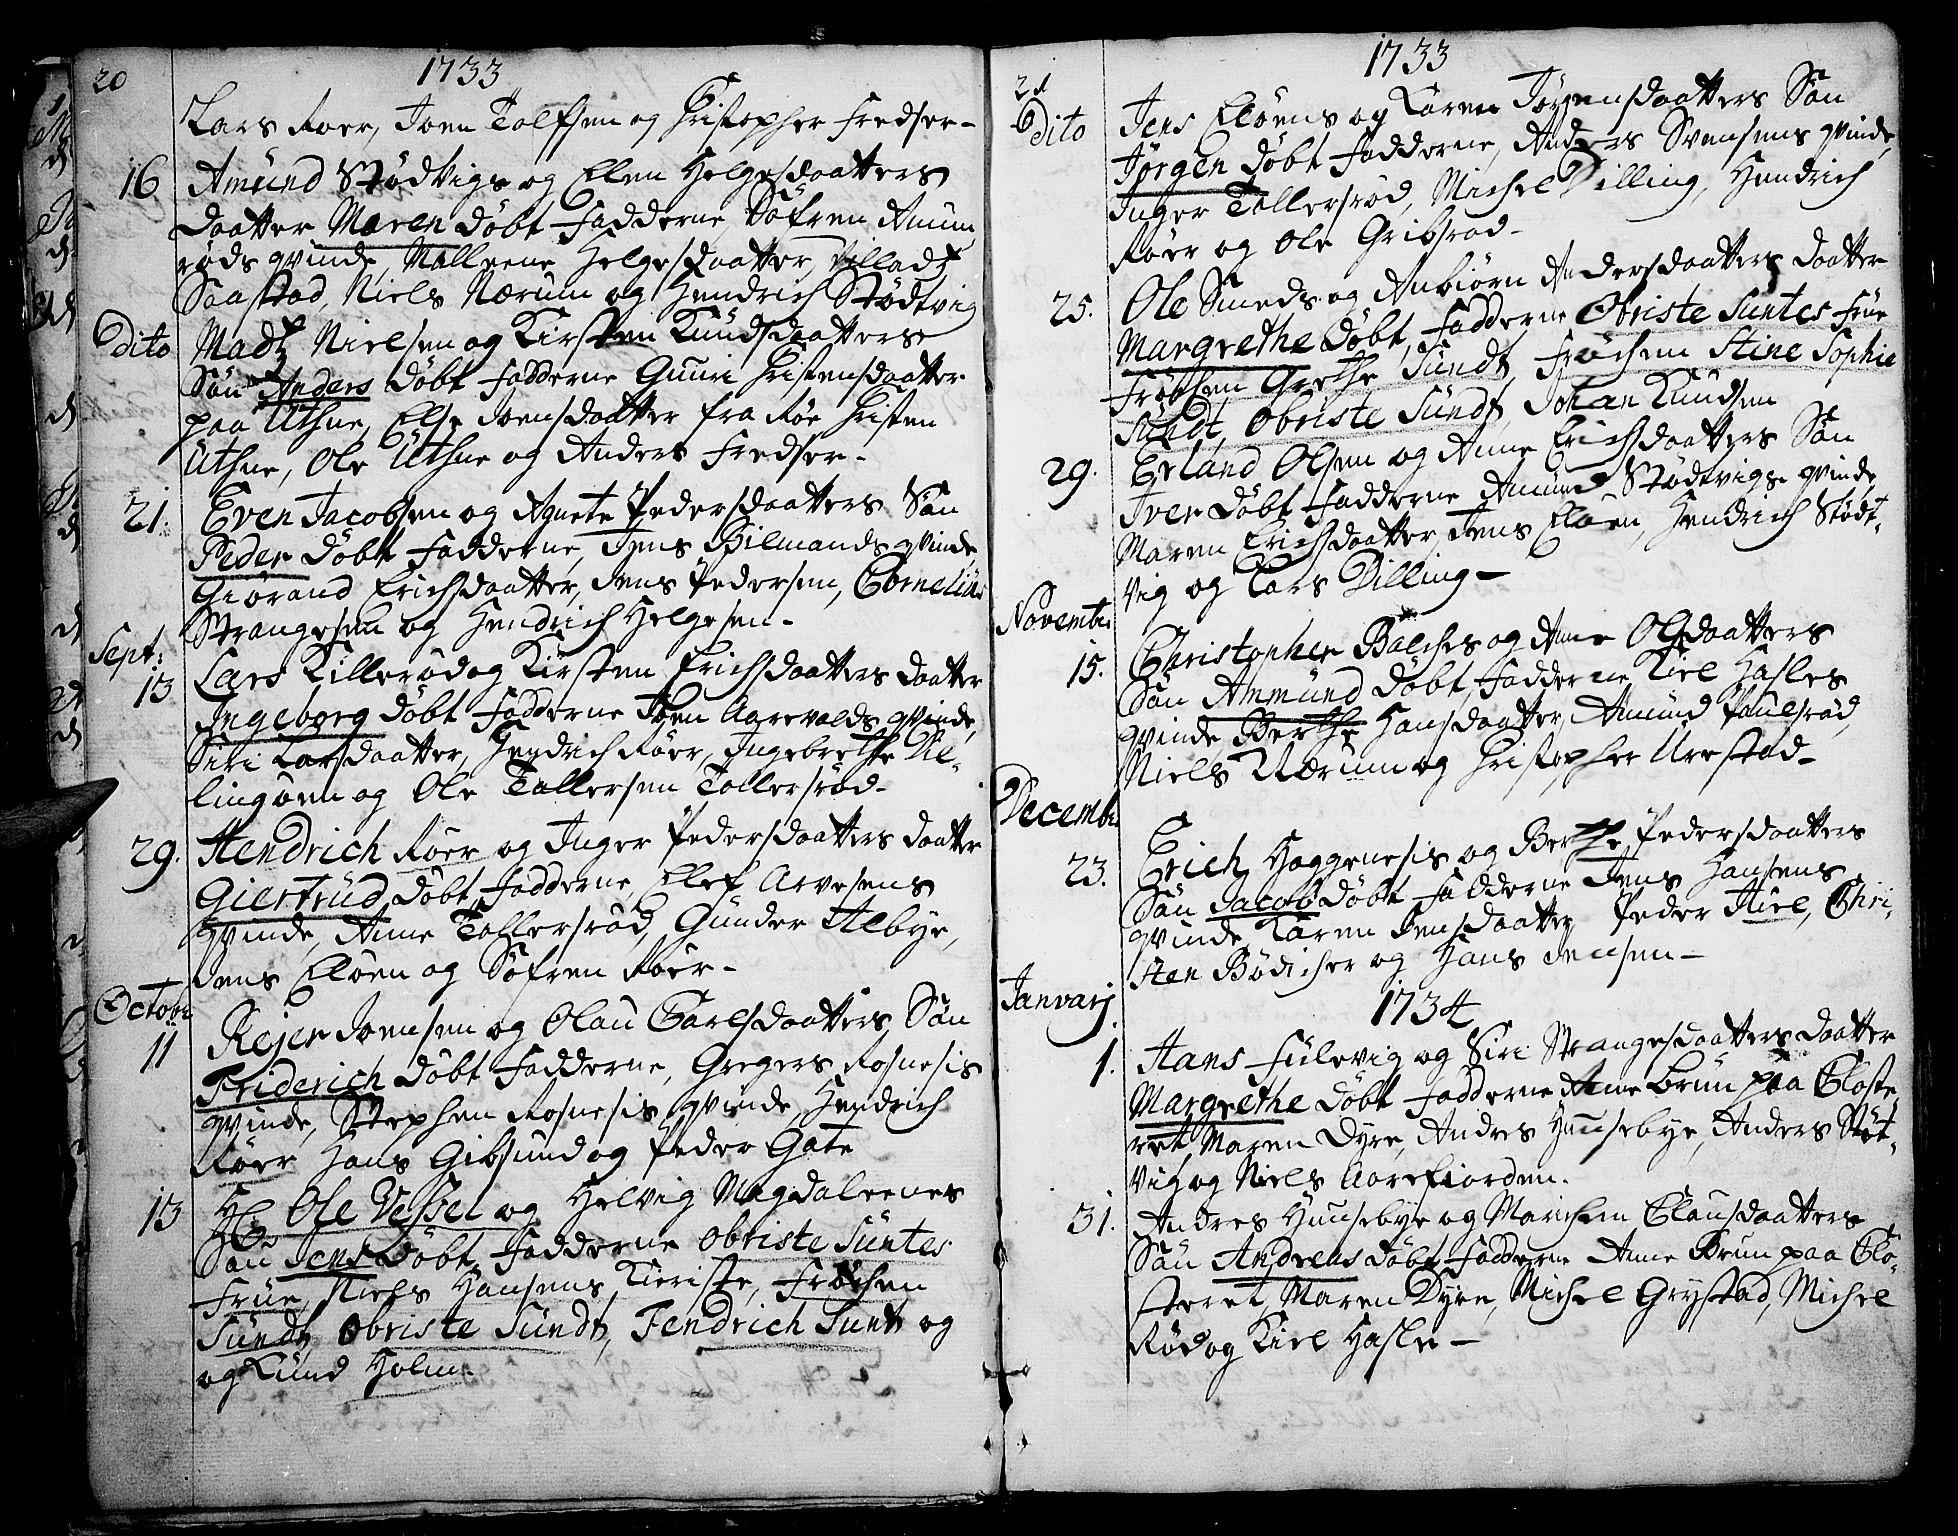 SAO, Rygge prestekontor Kirkebøker, F/Fa/L0001: Ministerialbok nr. 1, 1725-1771, s. 20-21